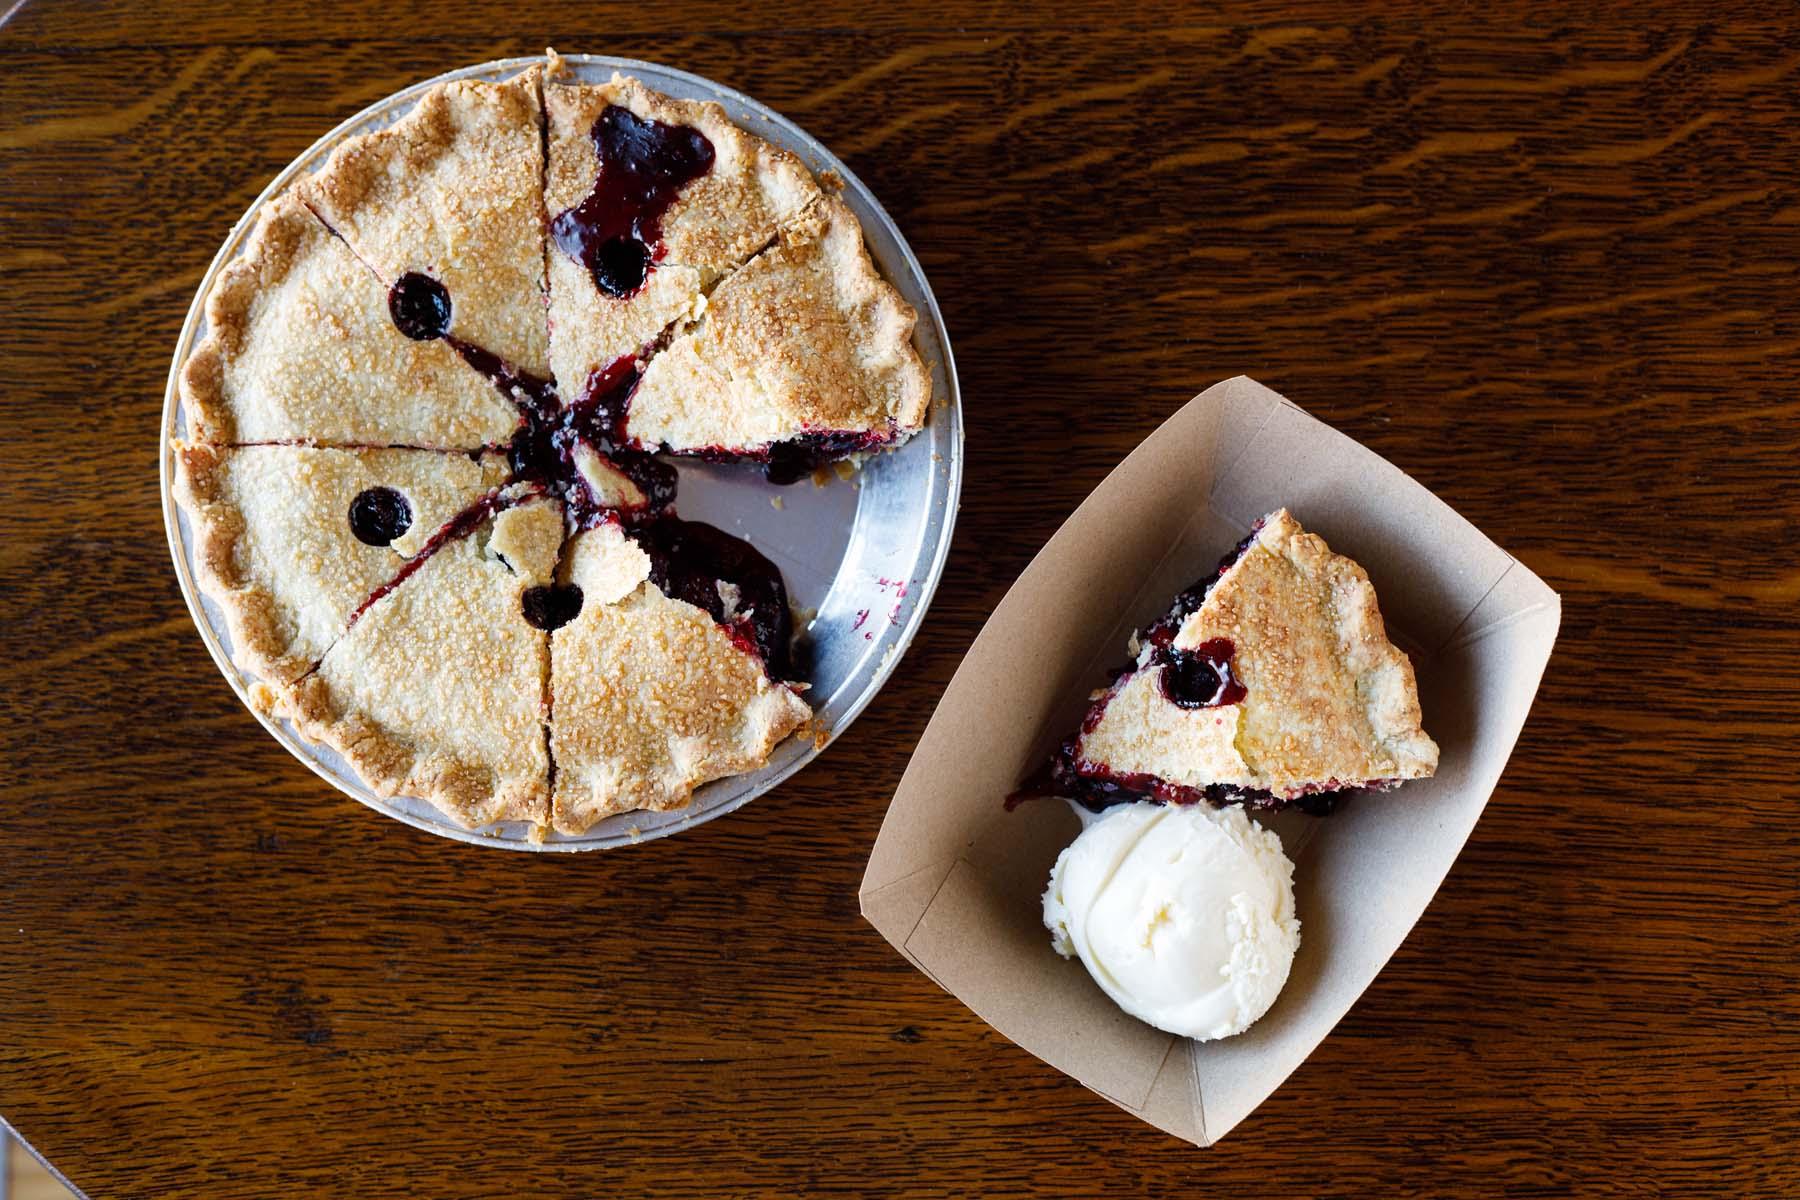 Best desserts in Wichita - Pie